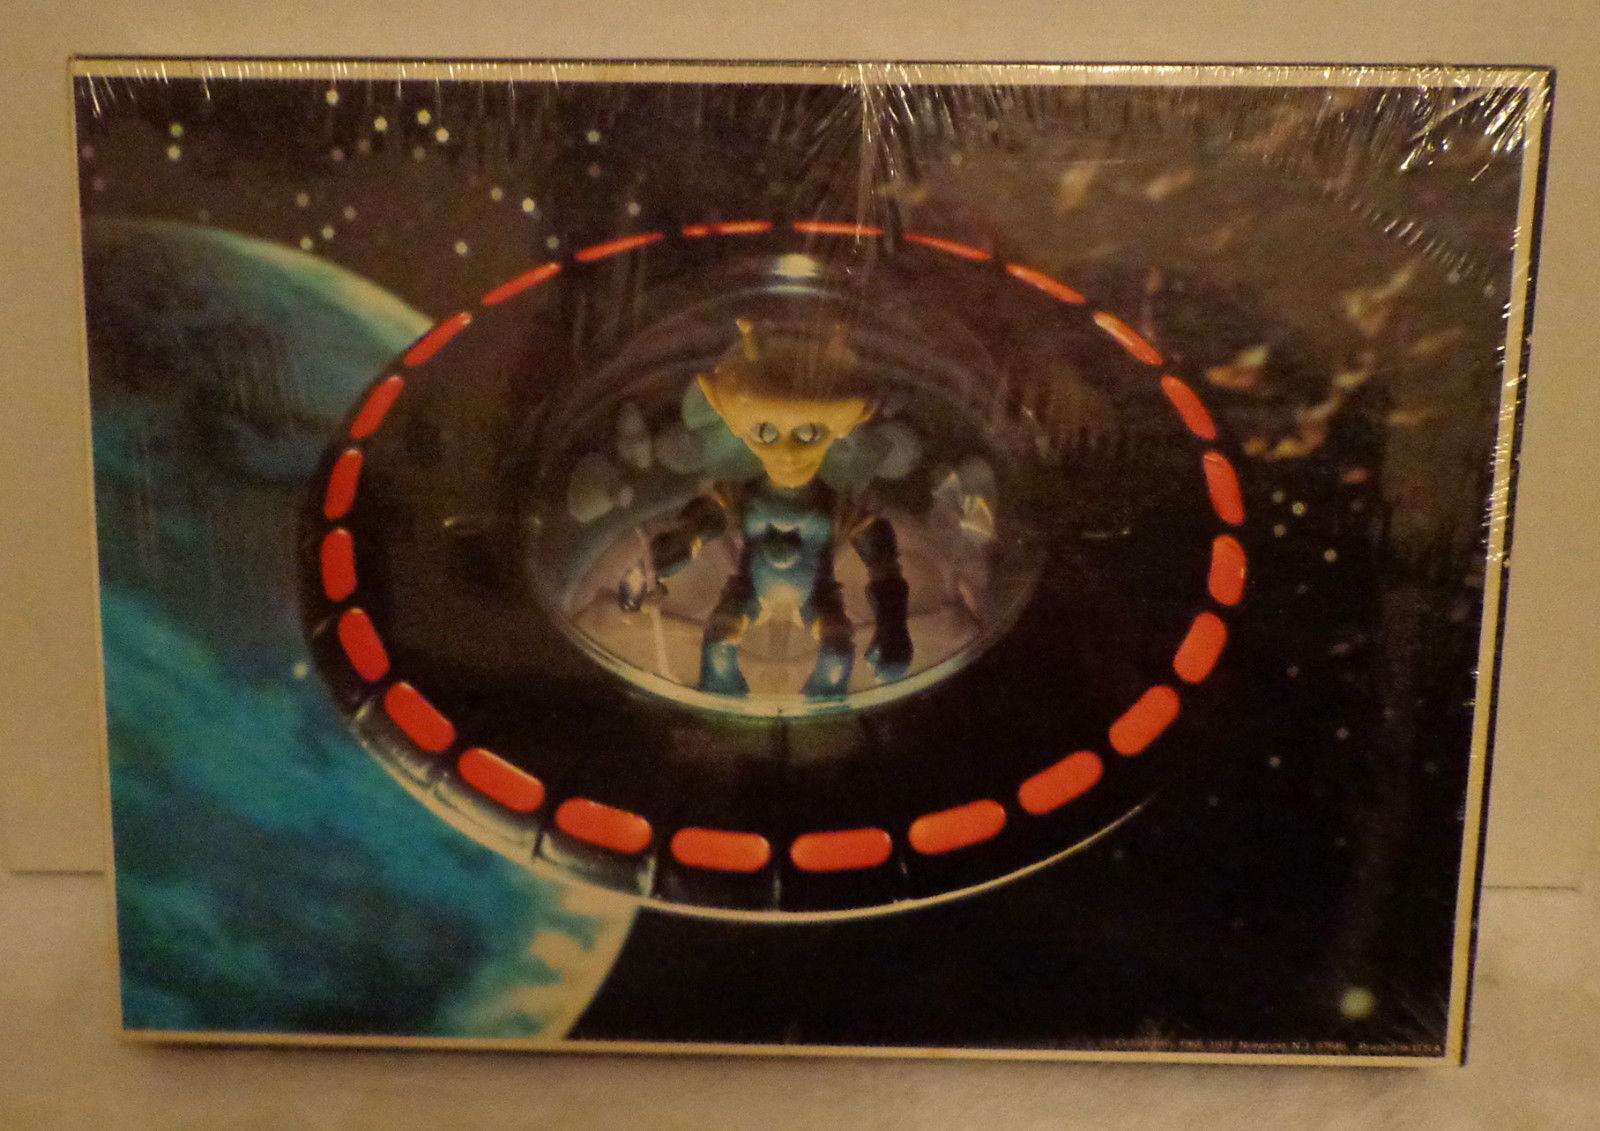 1977 raum krieger Farbeforms weltraum mann alien - puzzle alpha 7 ungeöffnet